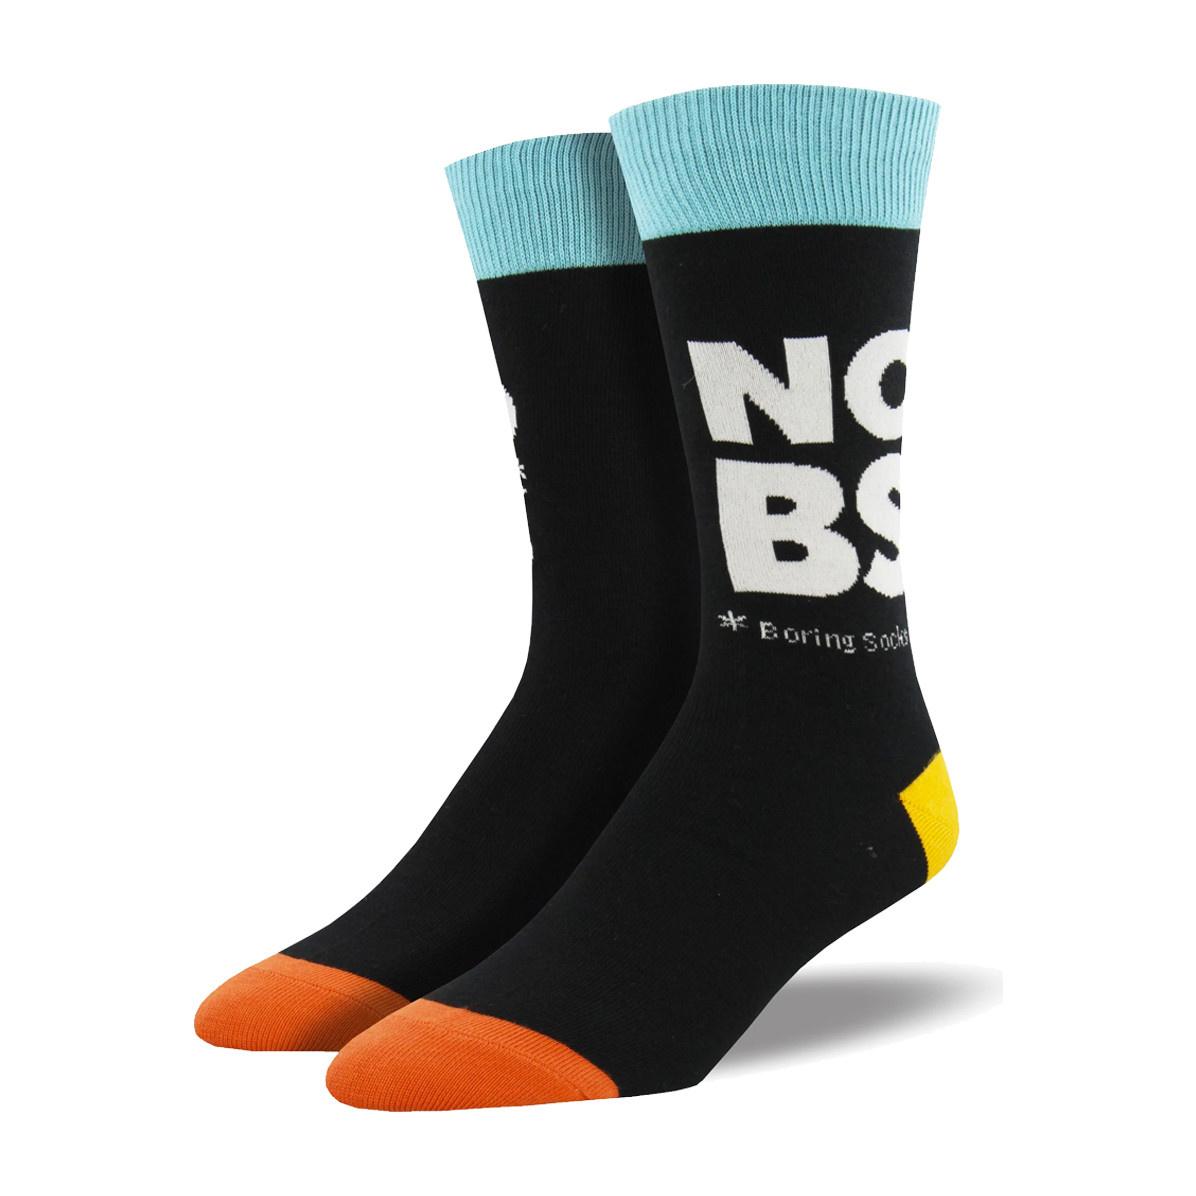 Socksmith Socksmith Men's Cotton Crew Socks No Boring Socks